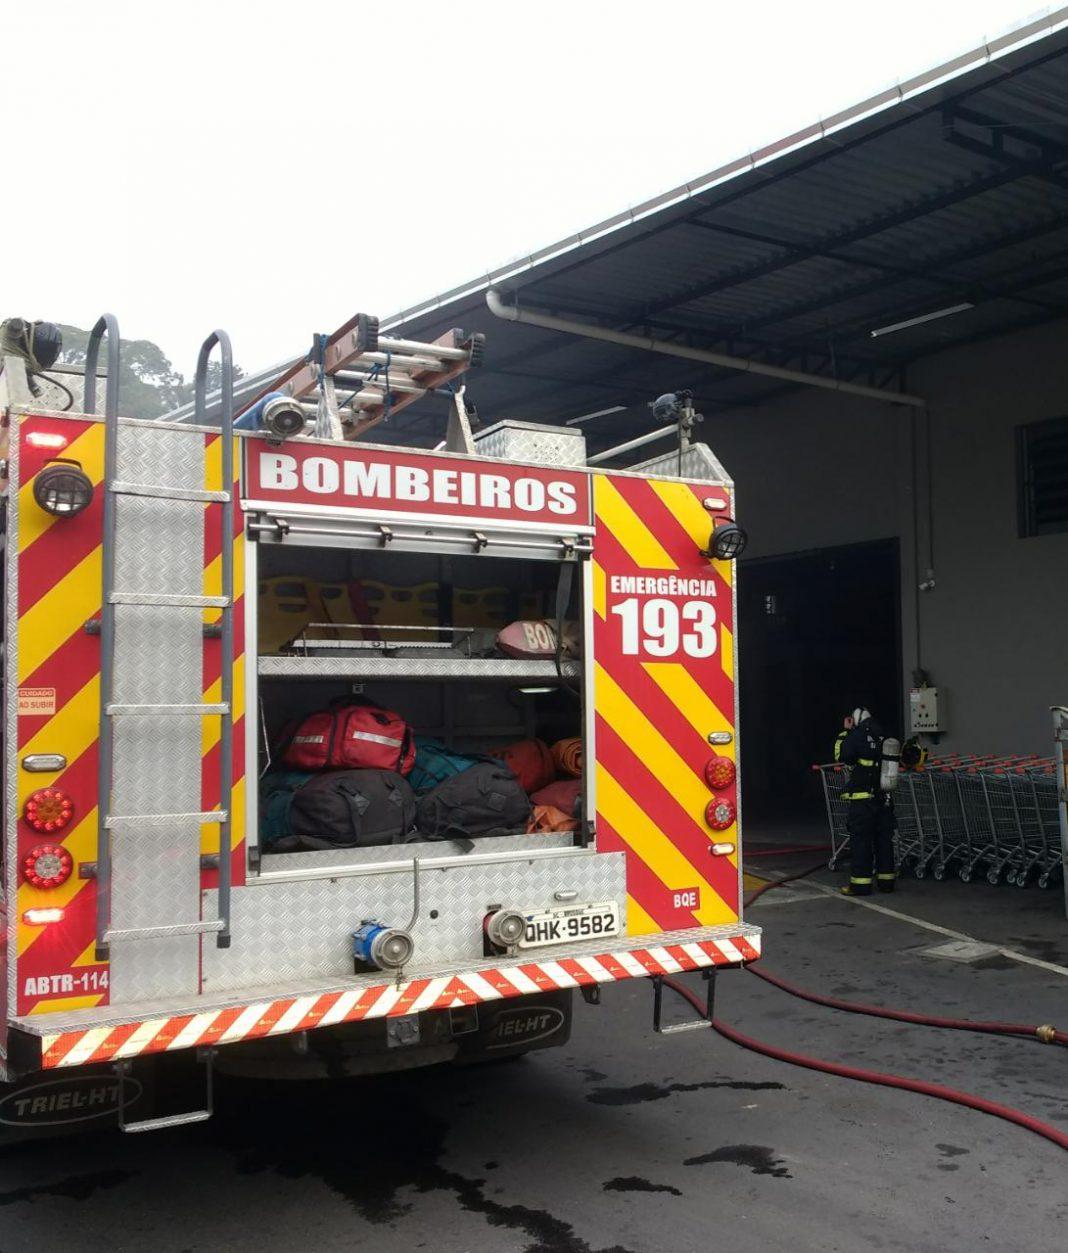 Bombeiros combatem incêndio em câmara frigorífica